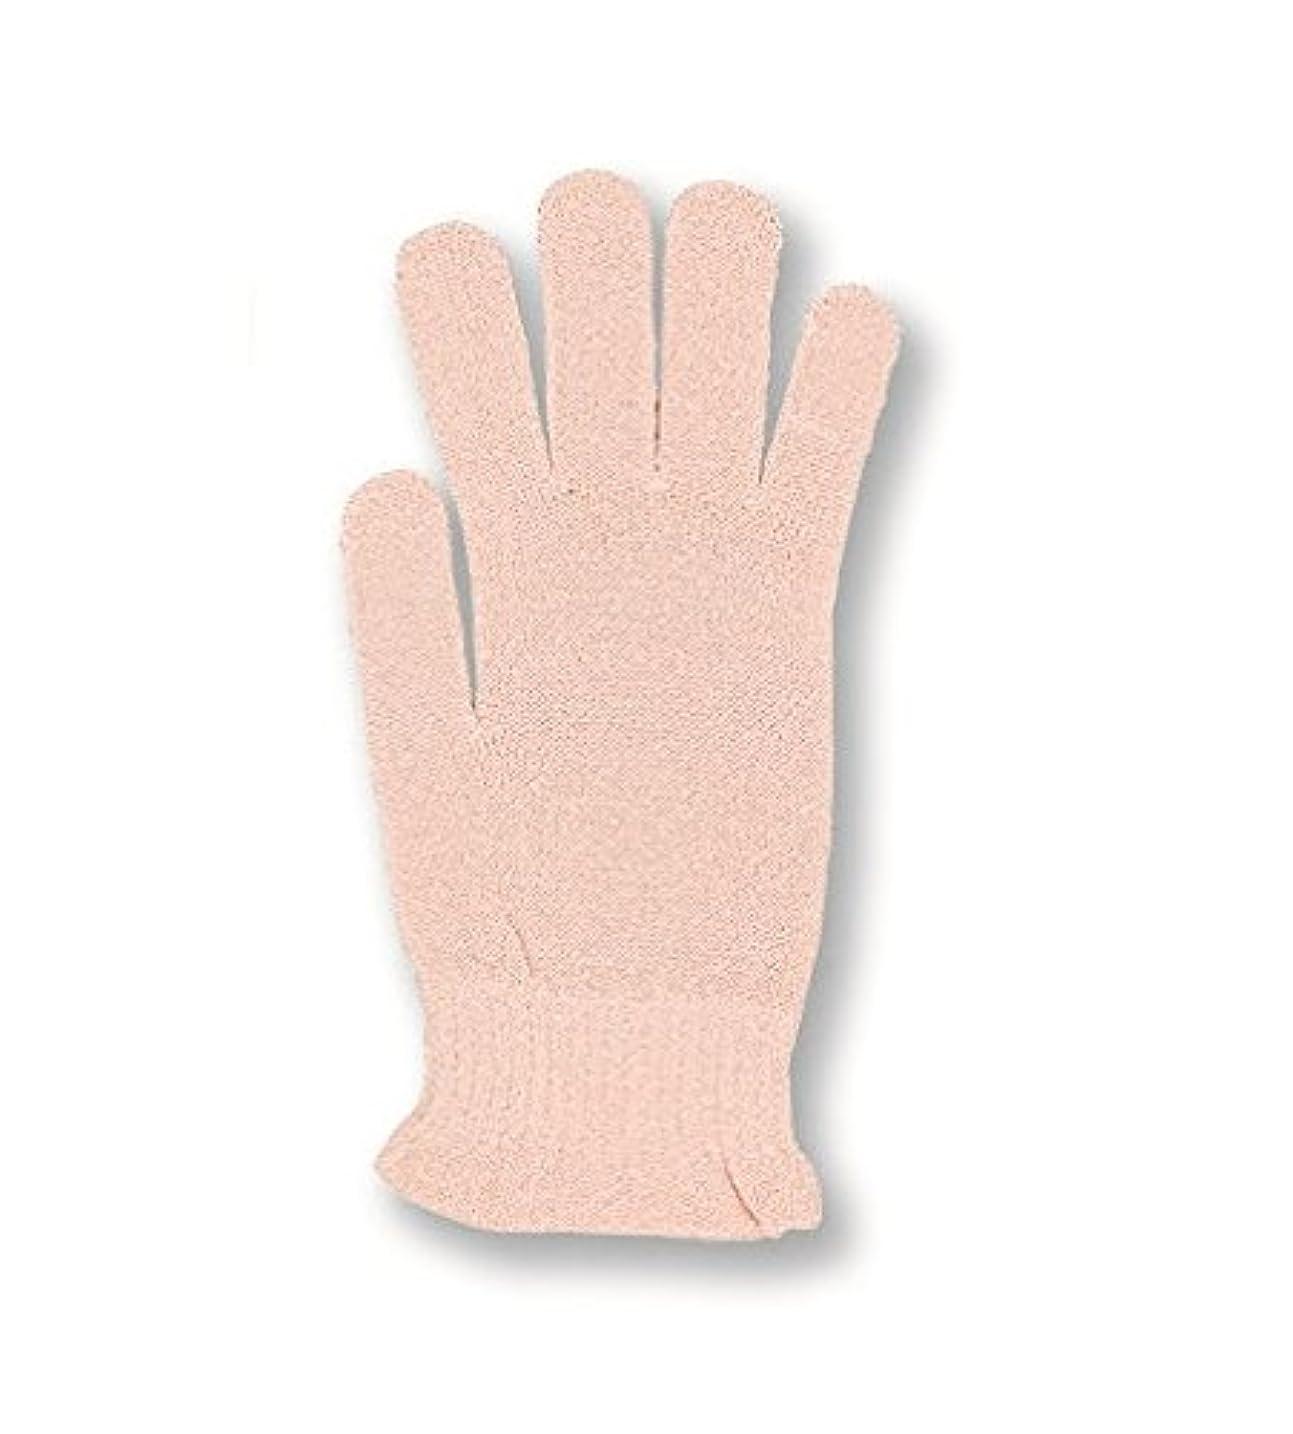 適応ショップ防衛コクーンフィット シルク おやすみ手袋 ピーチ